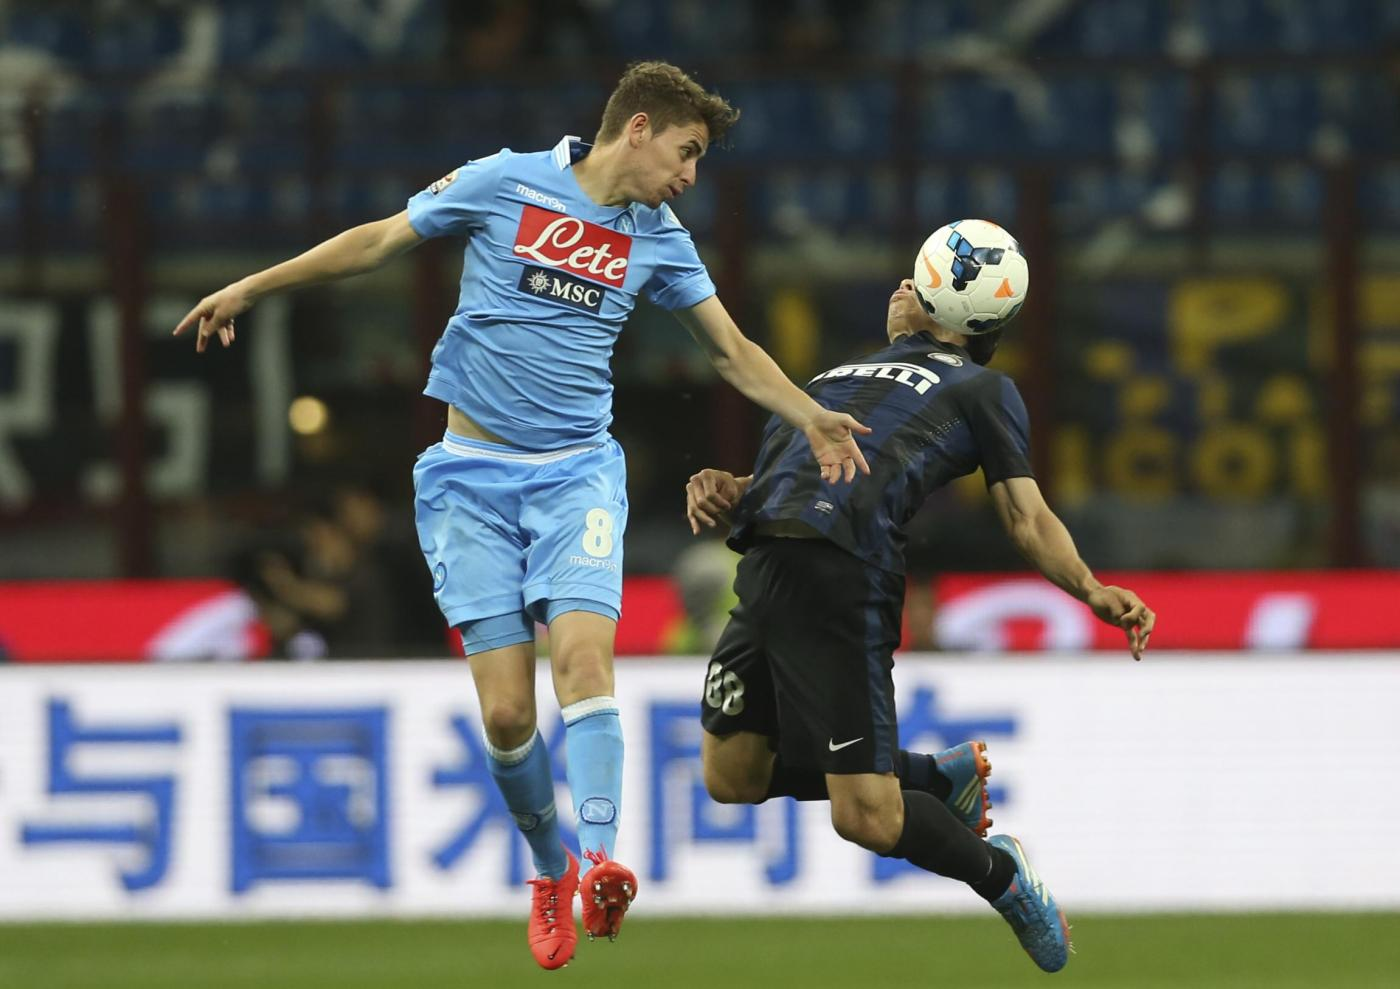 Inter vs Napoli 0 a 0, vola la Fiorentina con Cuadrado